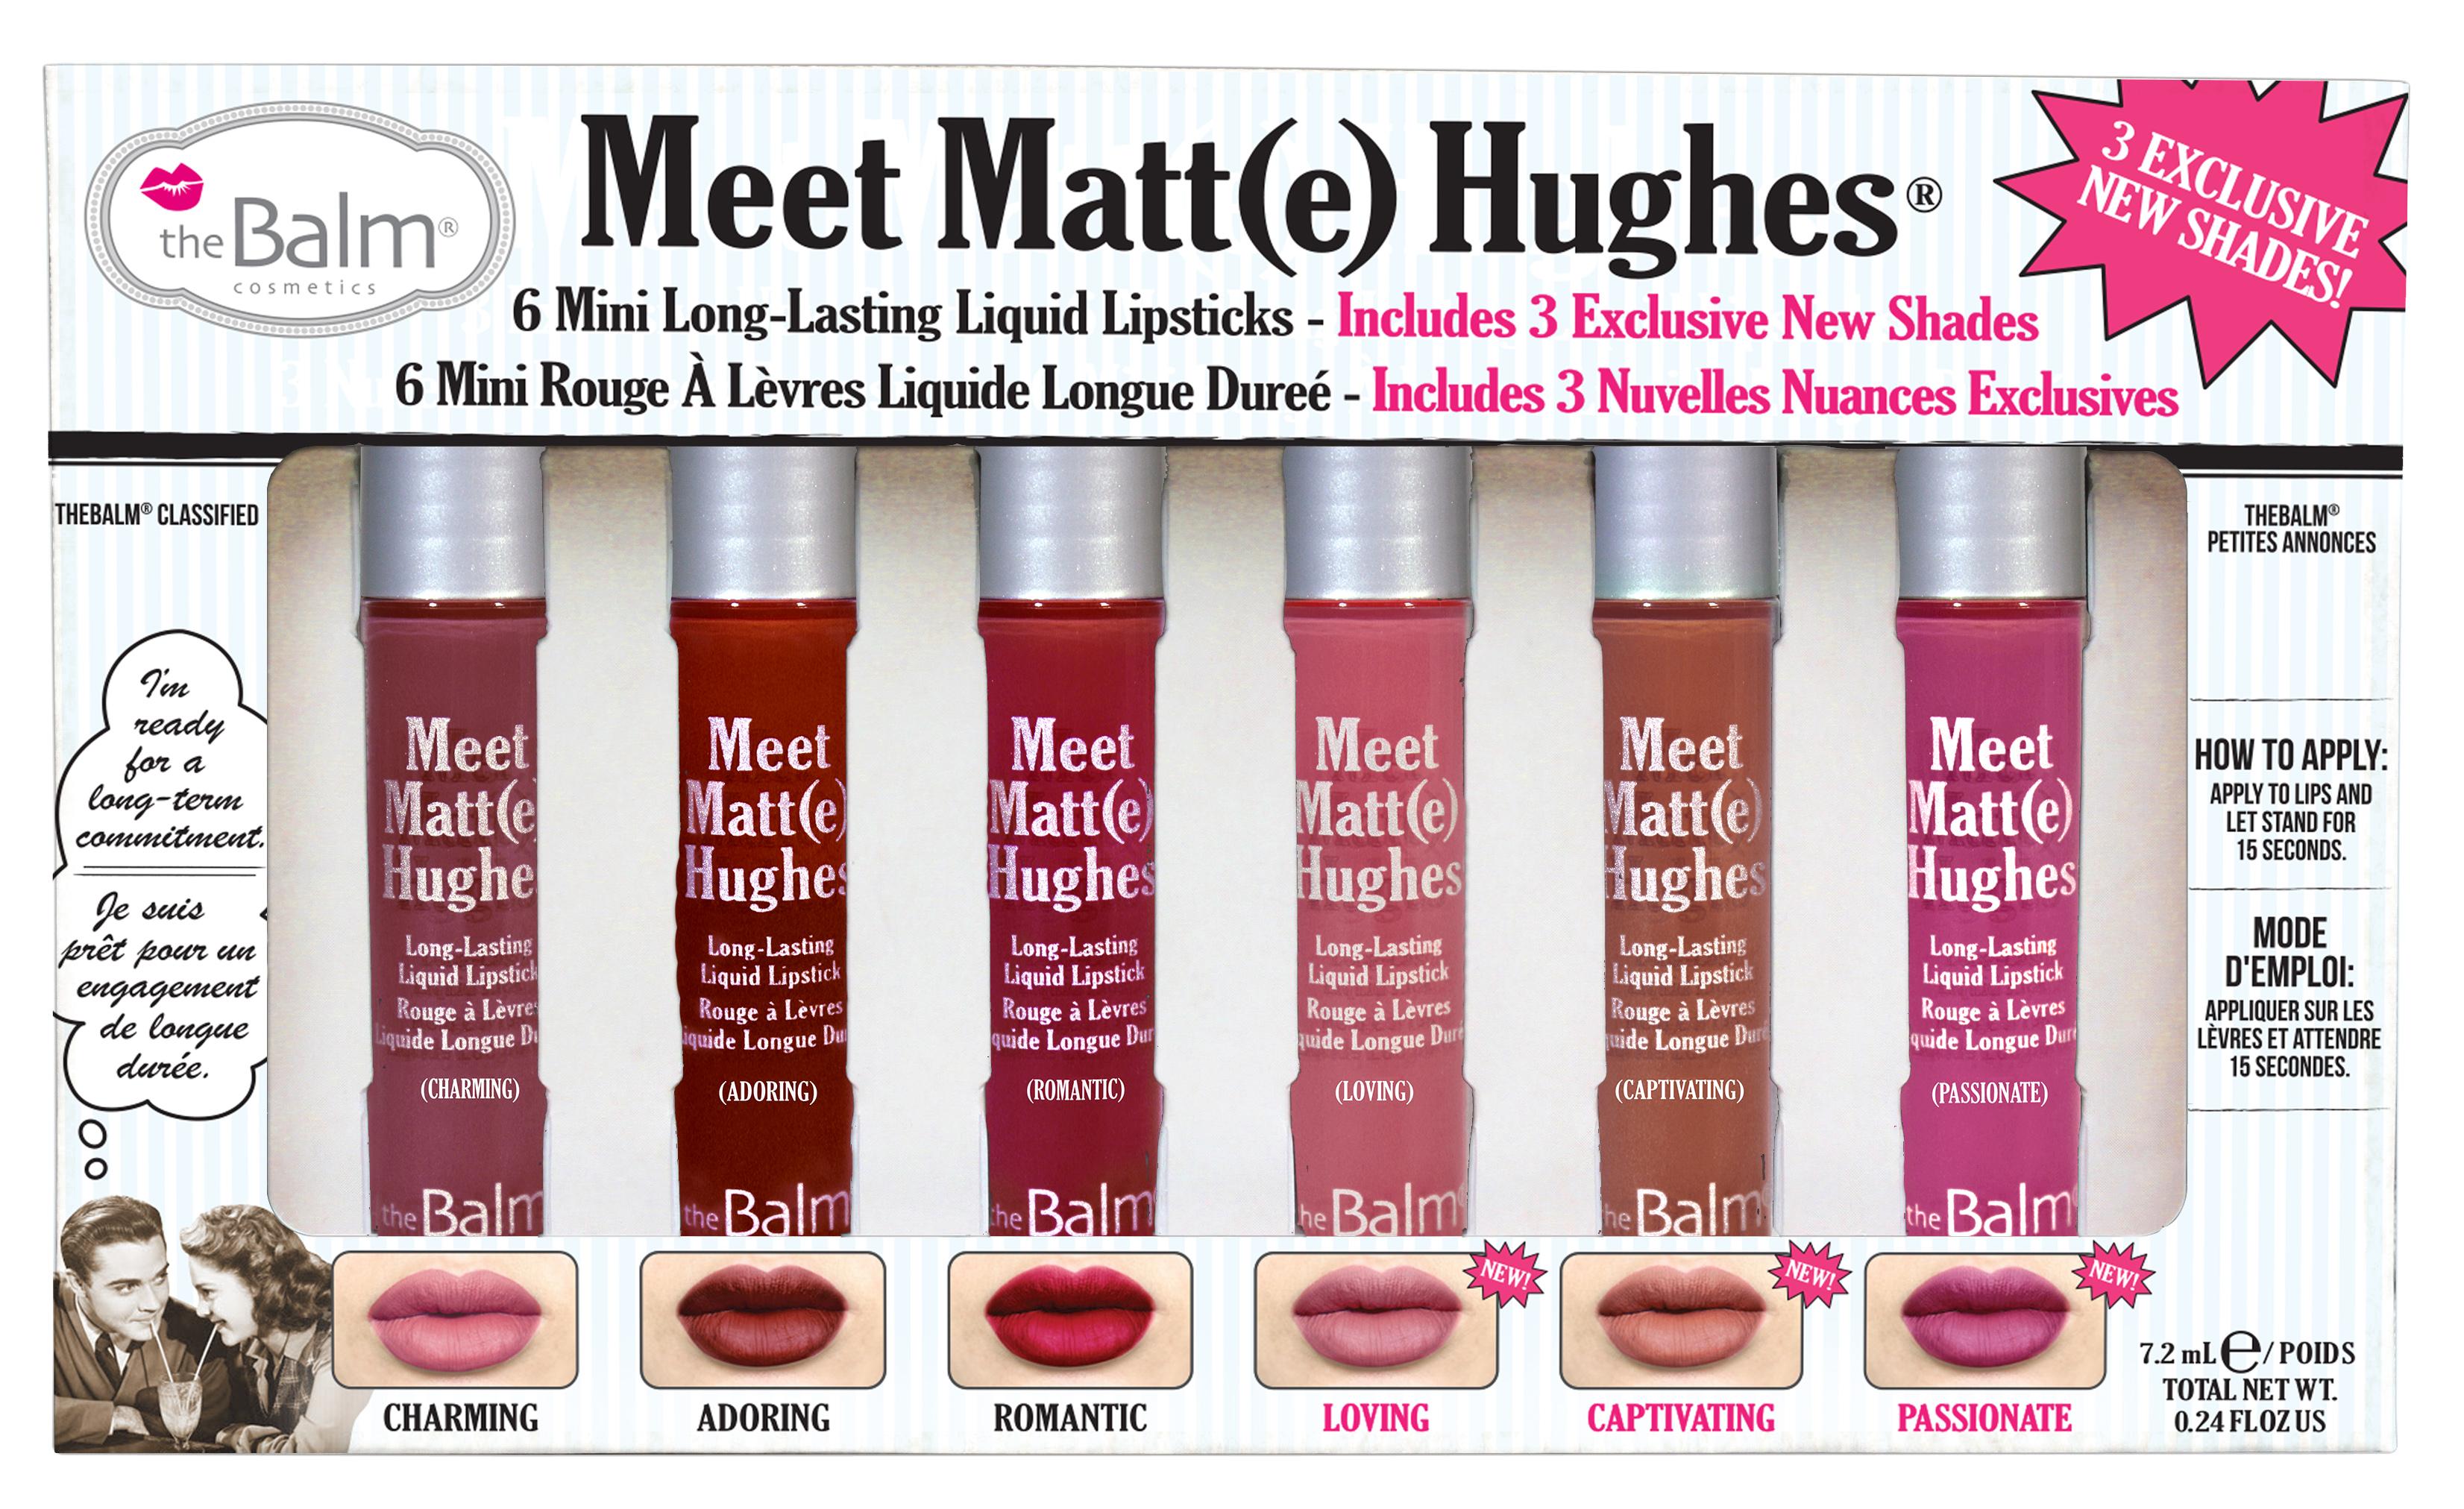 Meet Matte Hughes Vol 3 Meet Matte Hughes Liquid Lipsticks Vol.3